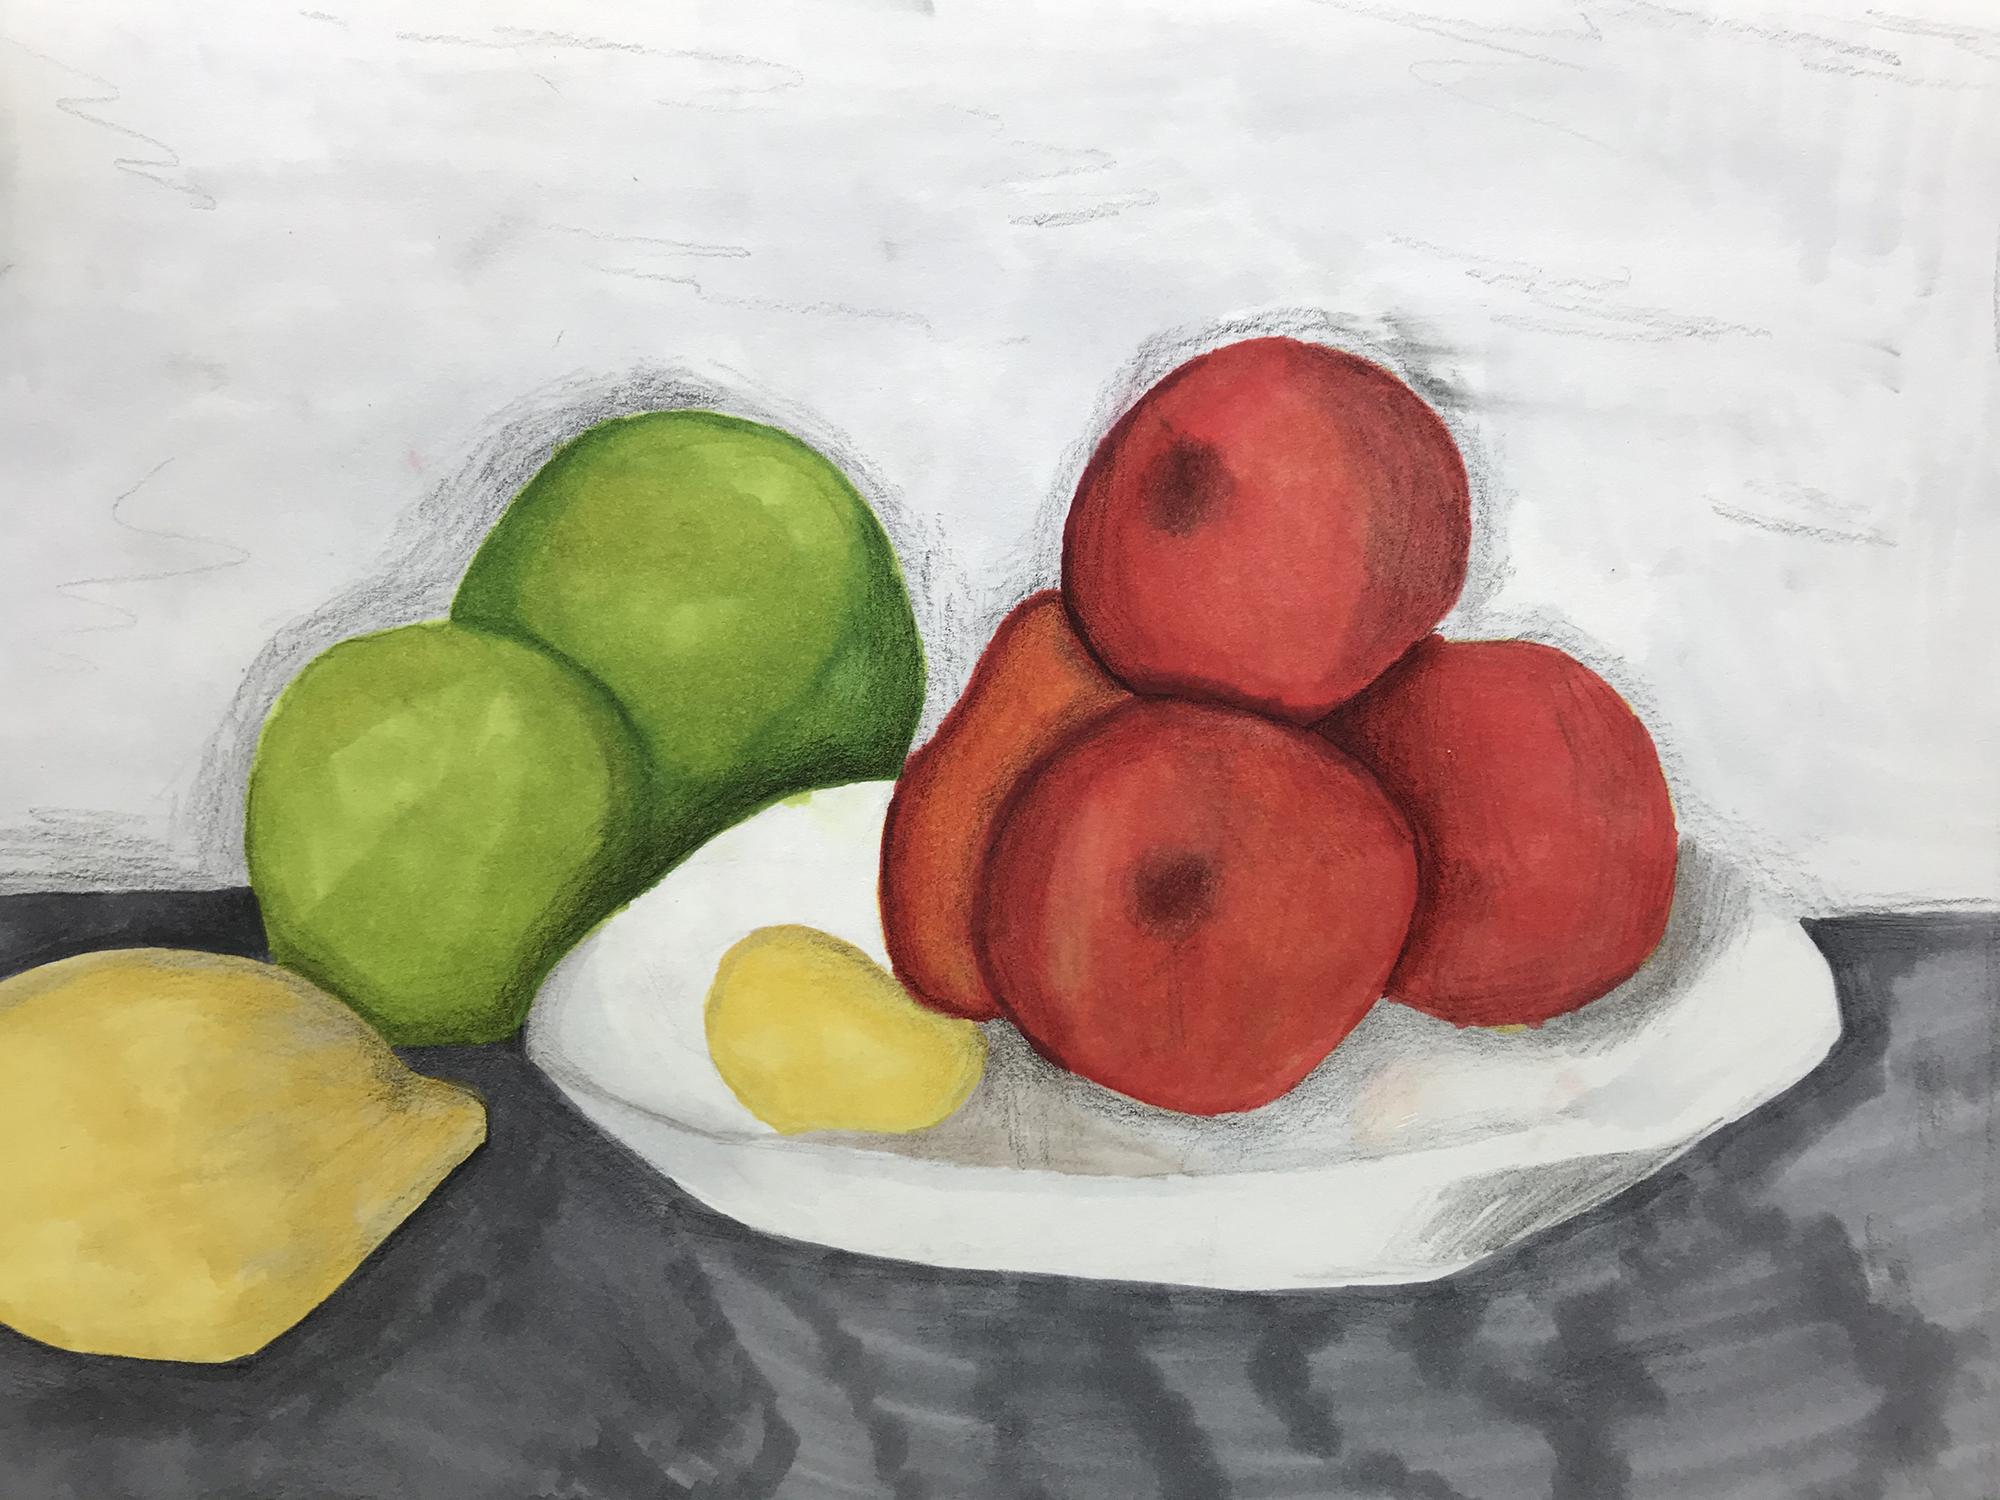 Award of Excellence 1st. Oliver Stadtner, Fruit Still Life